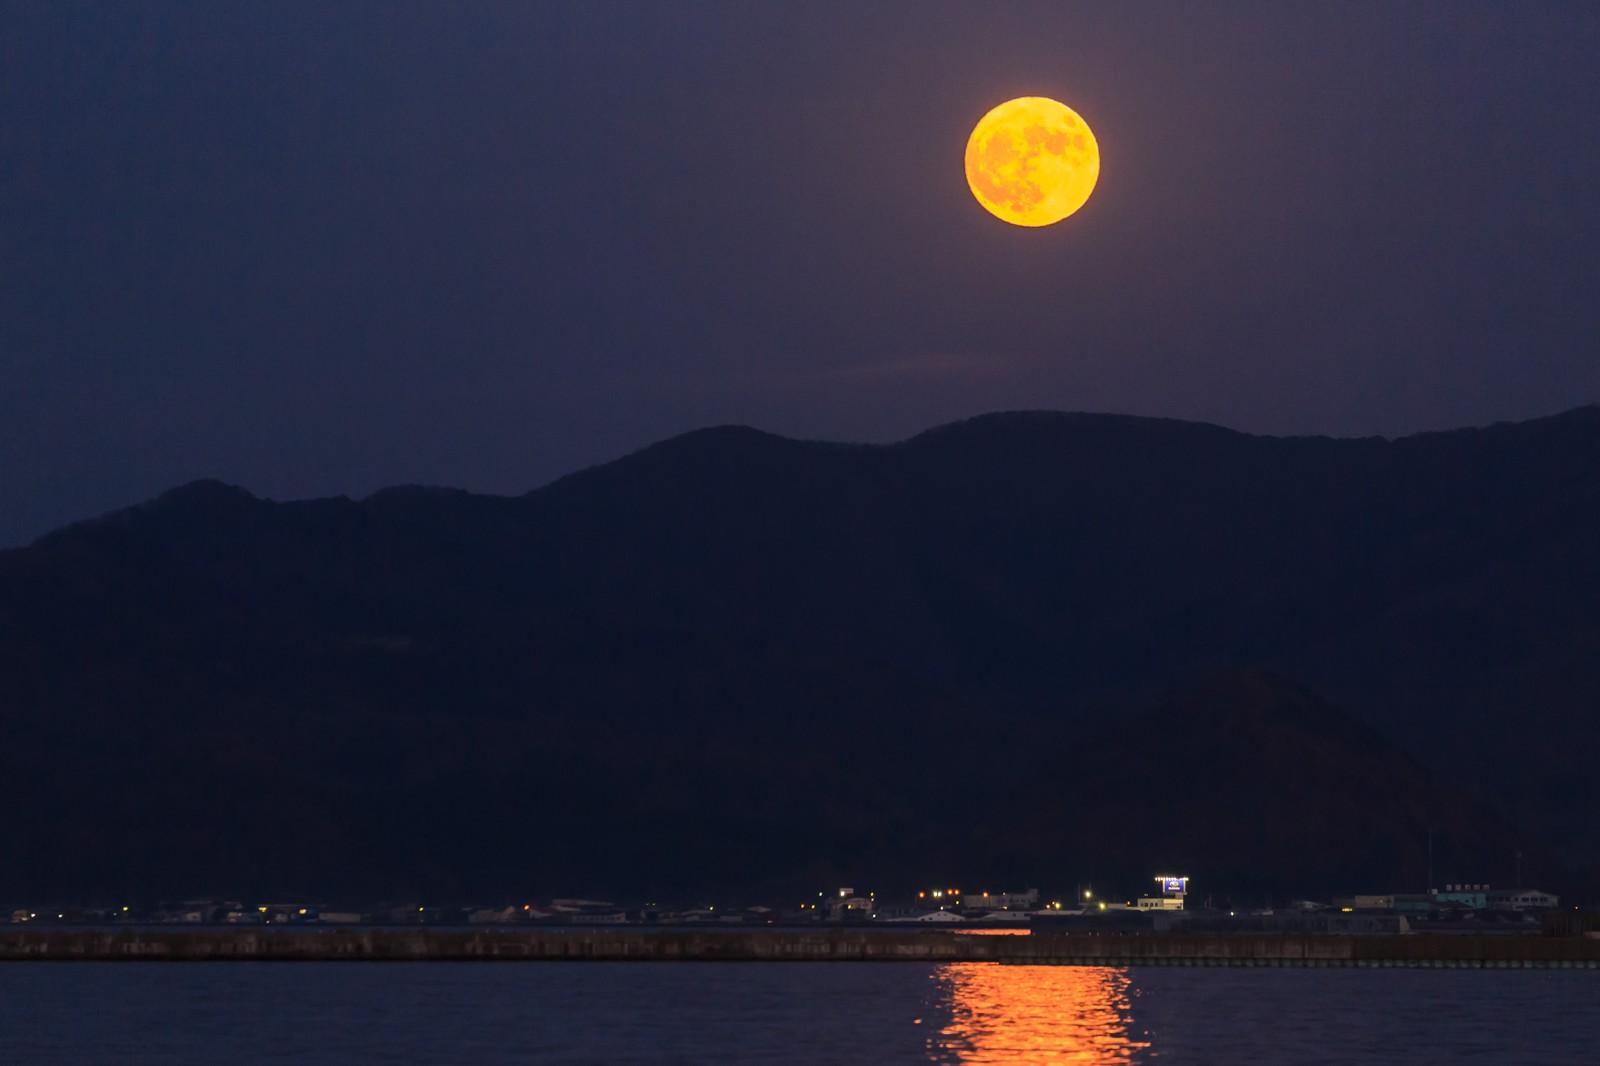 スマホカメラで月を綺麗に撮影する方法とコツって?